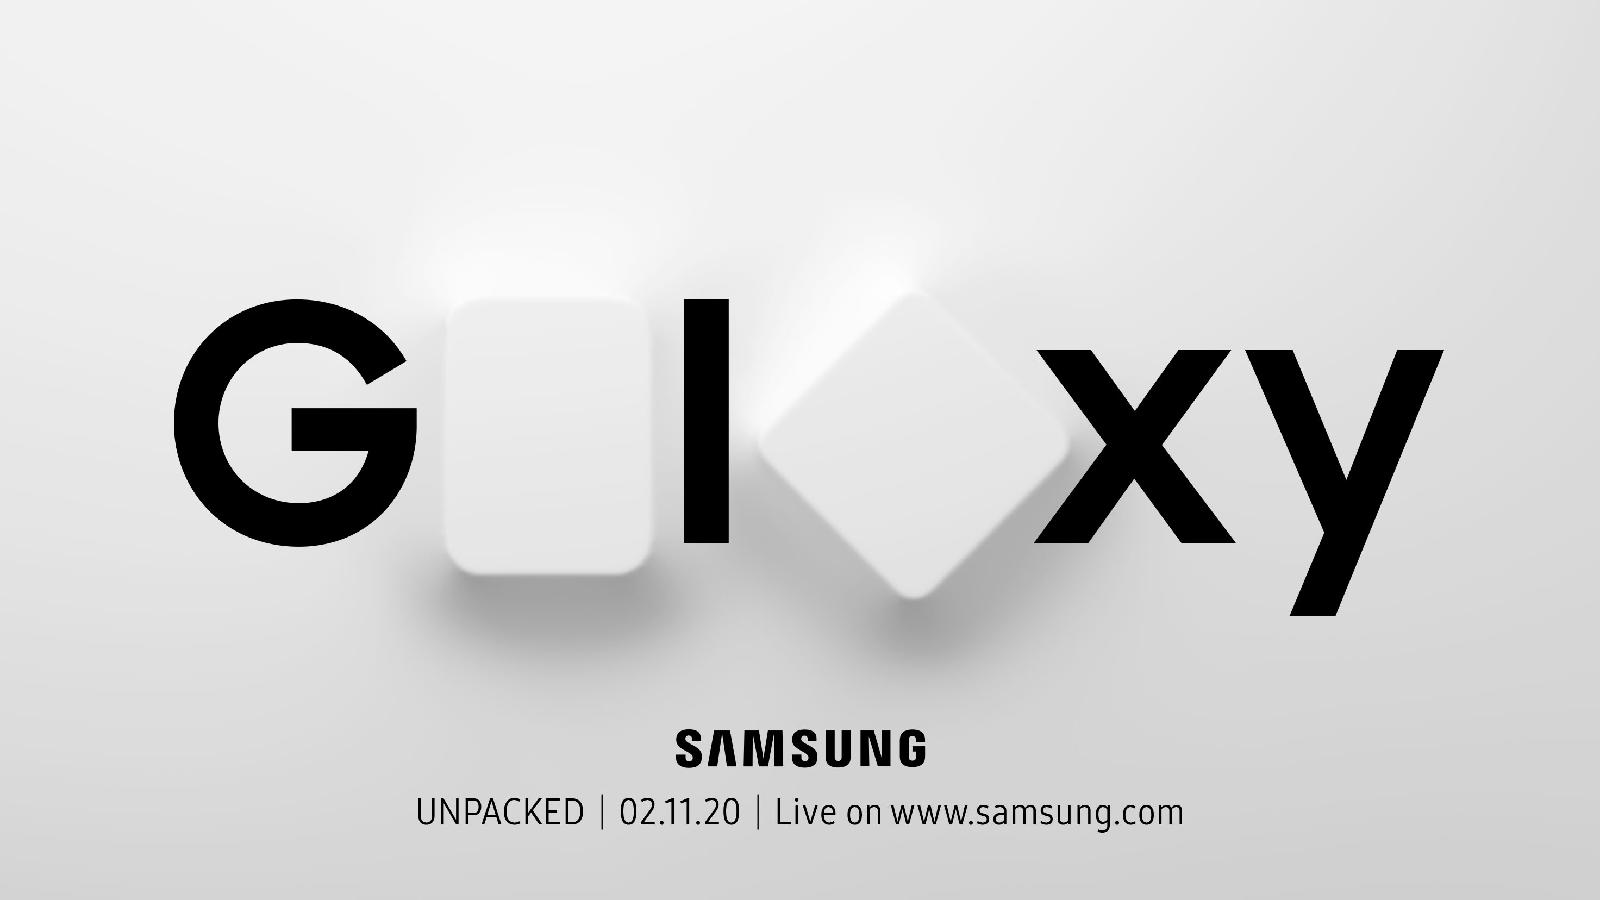 """เตรียมเกาะขอบจอ! รับชมถ่ายทอดสด """"Samsung Galaxy Unpacked 2020"""" ส่งตรงจากซานฟรานซิสโก พร้อมกันทั่วโลก 11 กุมภาพันธ์ นี้"""